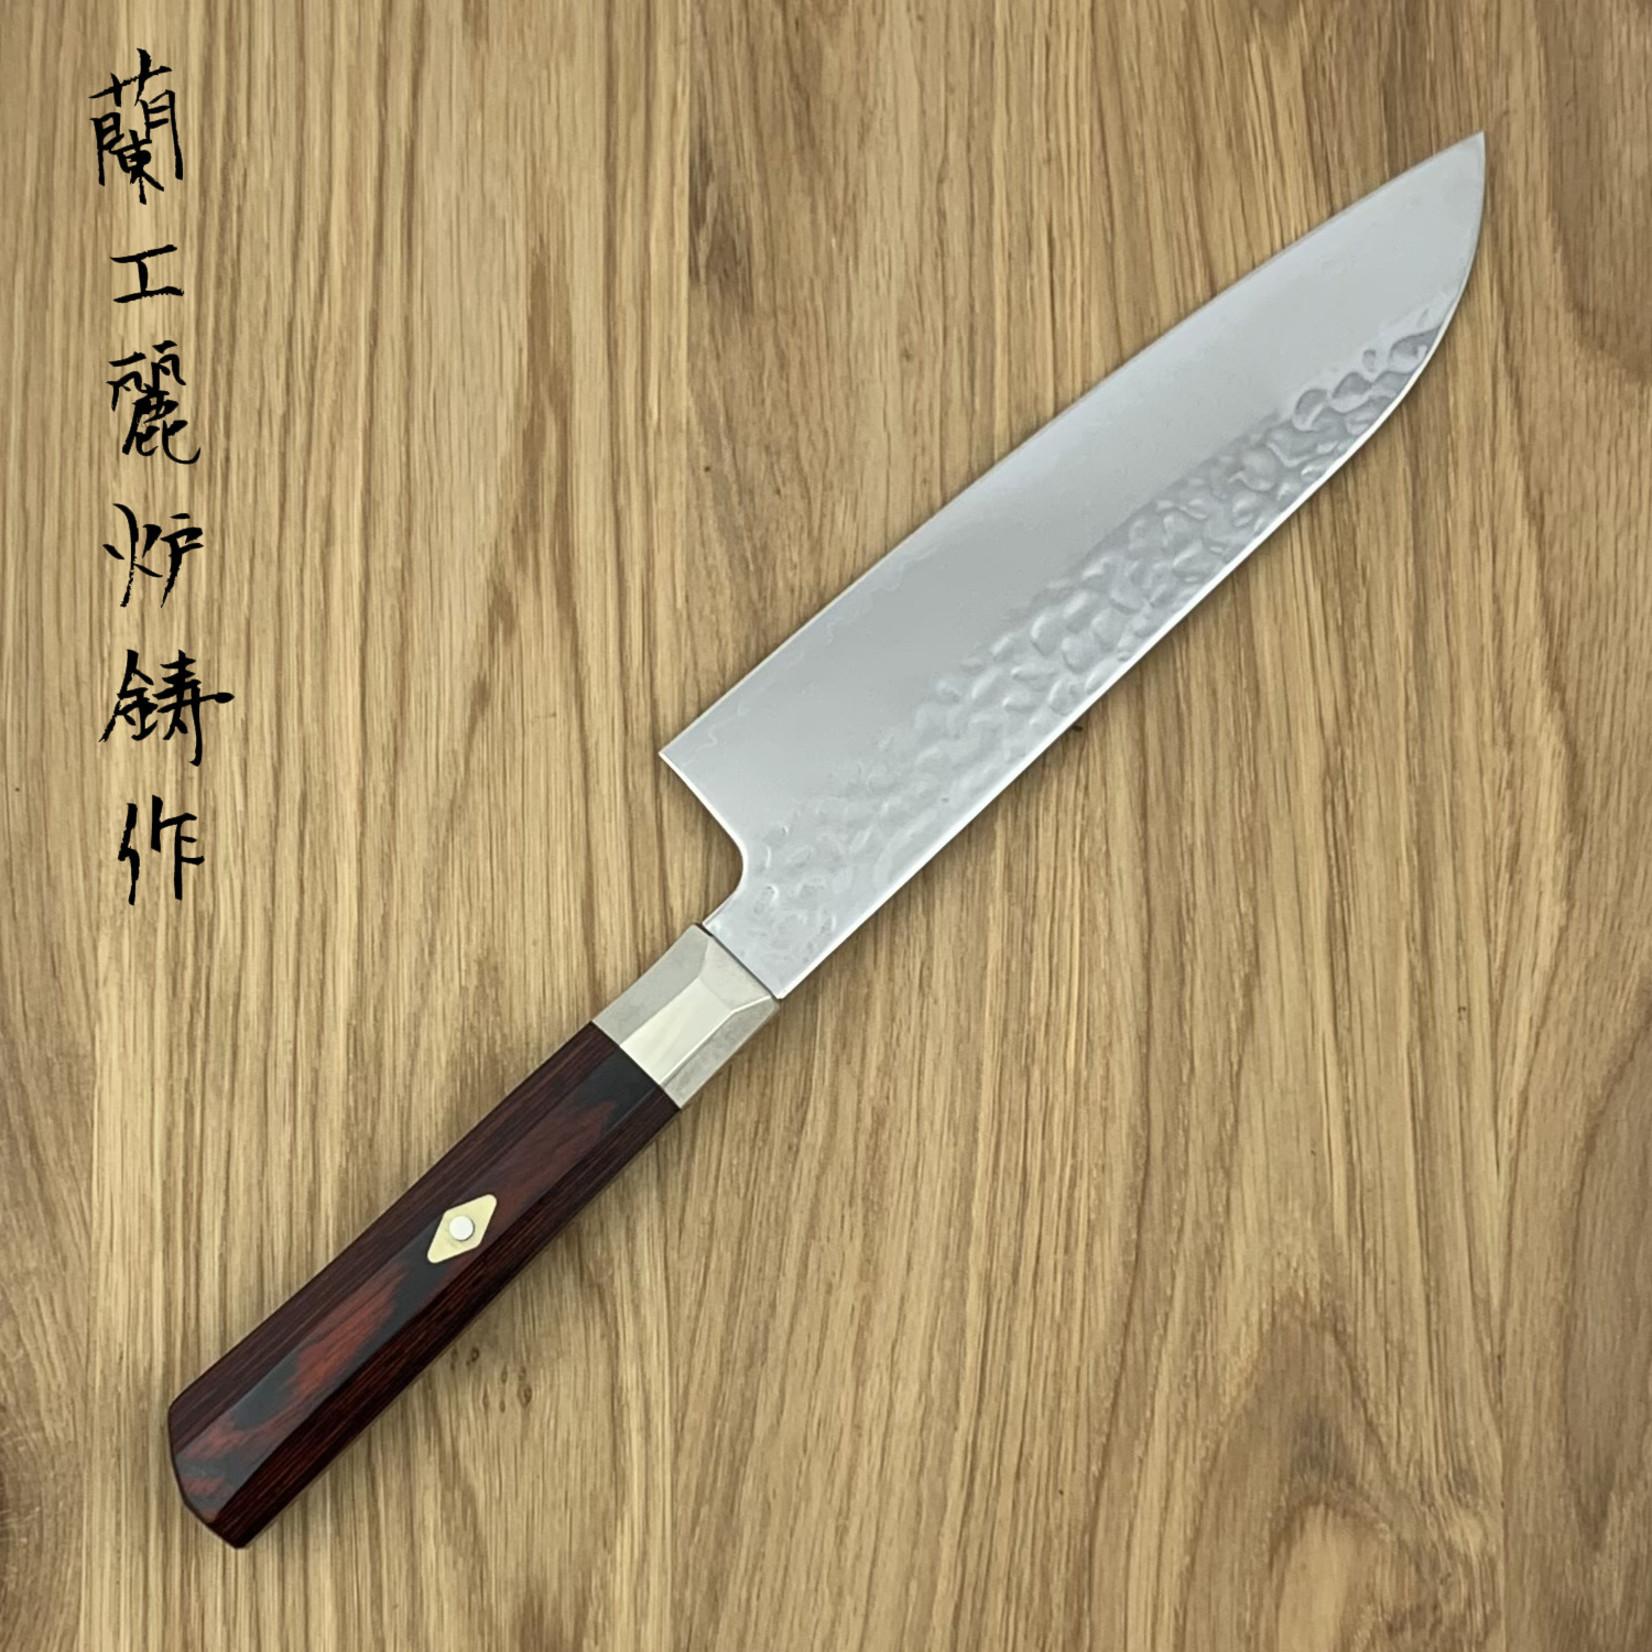 ZANMAI Supreme H Santoku 180mm TZ2-4003DH